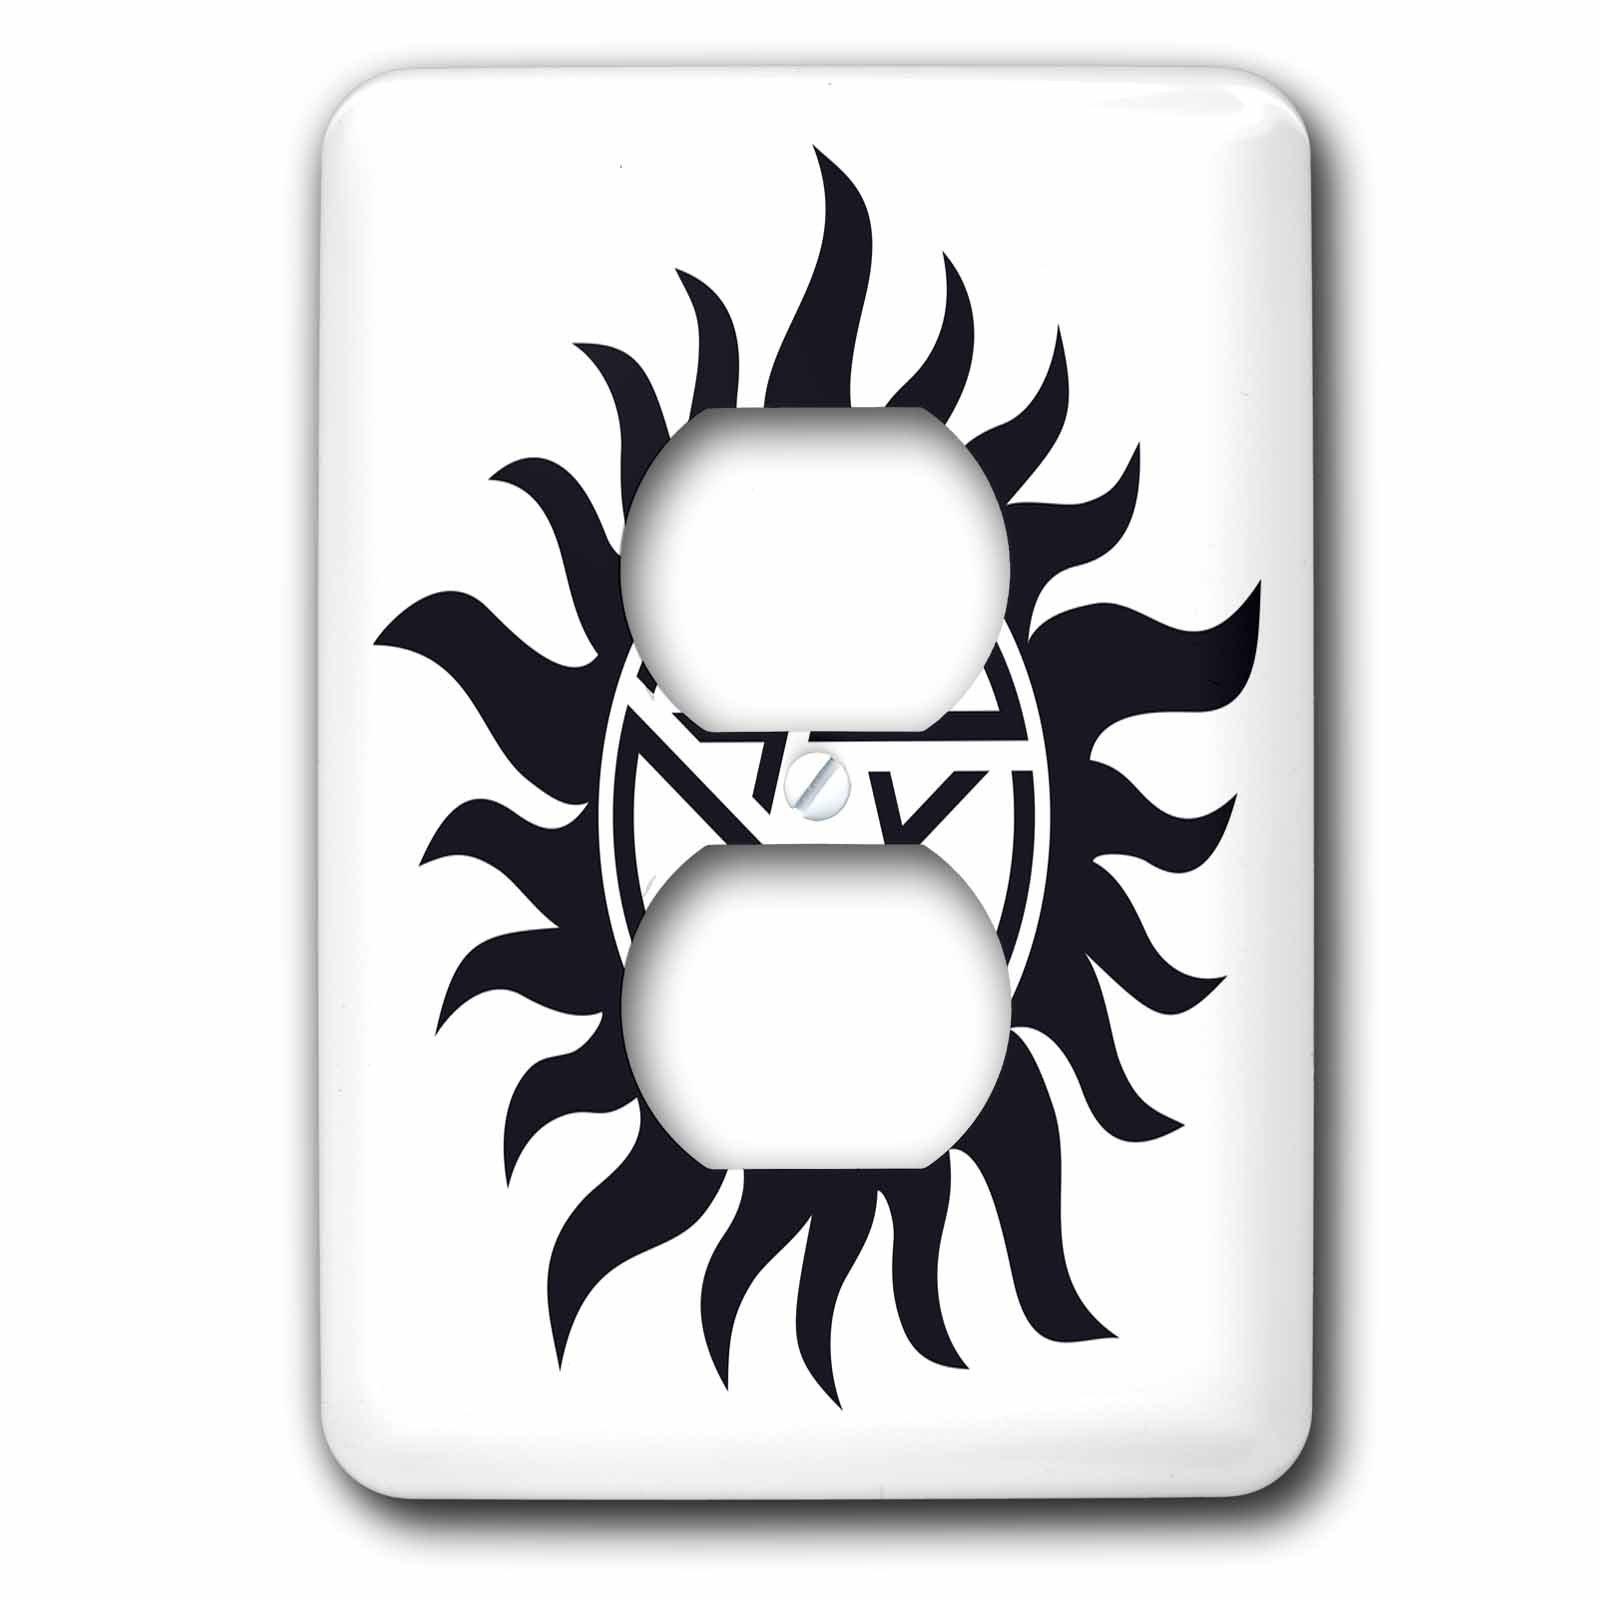 3dRose lsp_193333_6 Supernatural Symbol, 2 Plug Outlet Cover